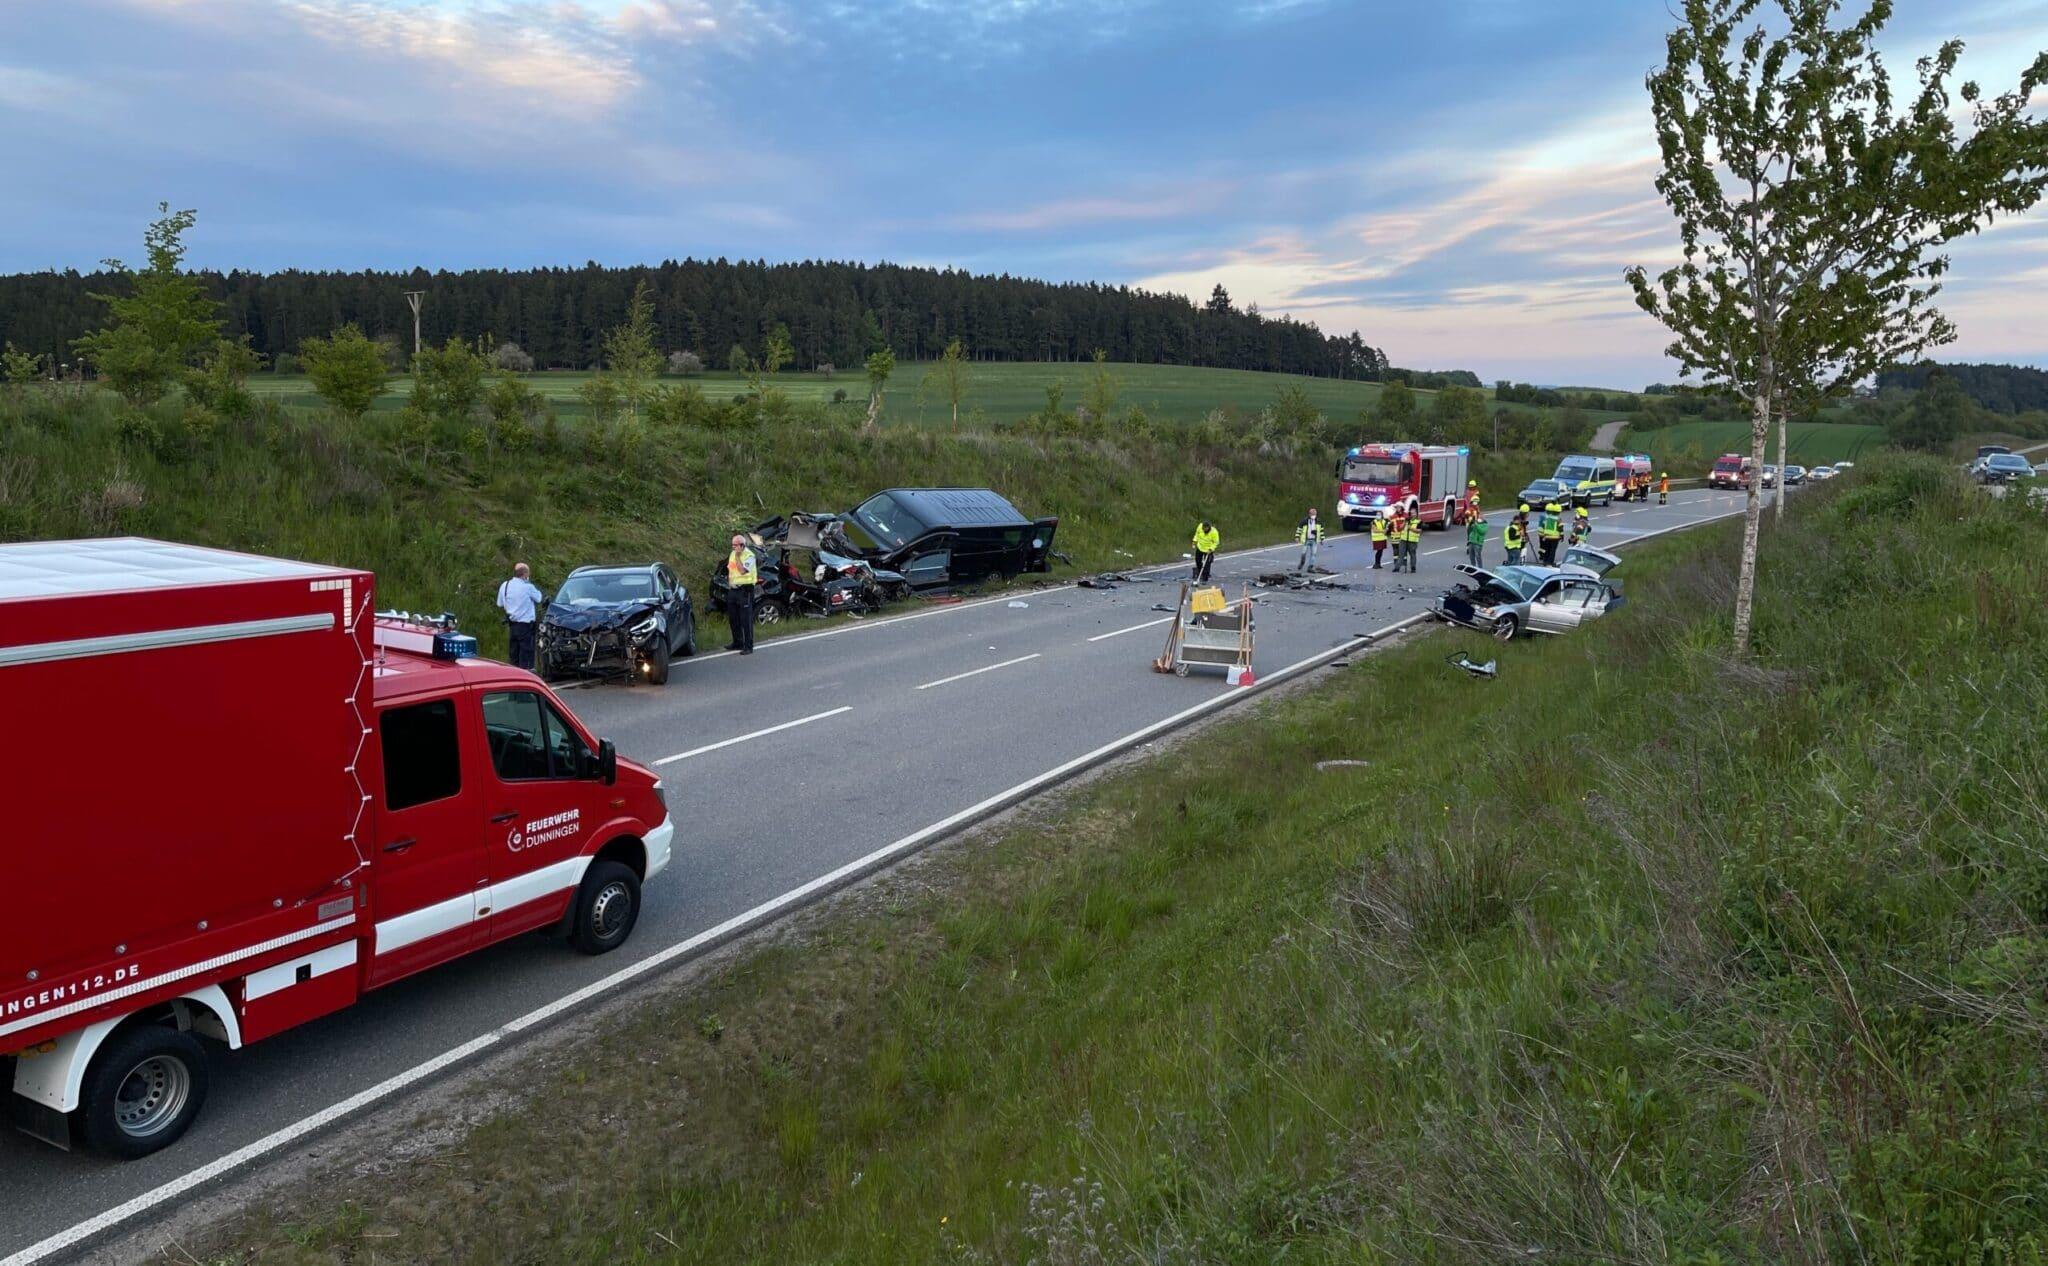 Die Unfallstelle auf der B 462 bei Dunningen. Hier starben zwei Menschen, wurden zwei weitere verletzt. Foto: gg